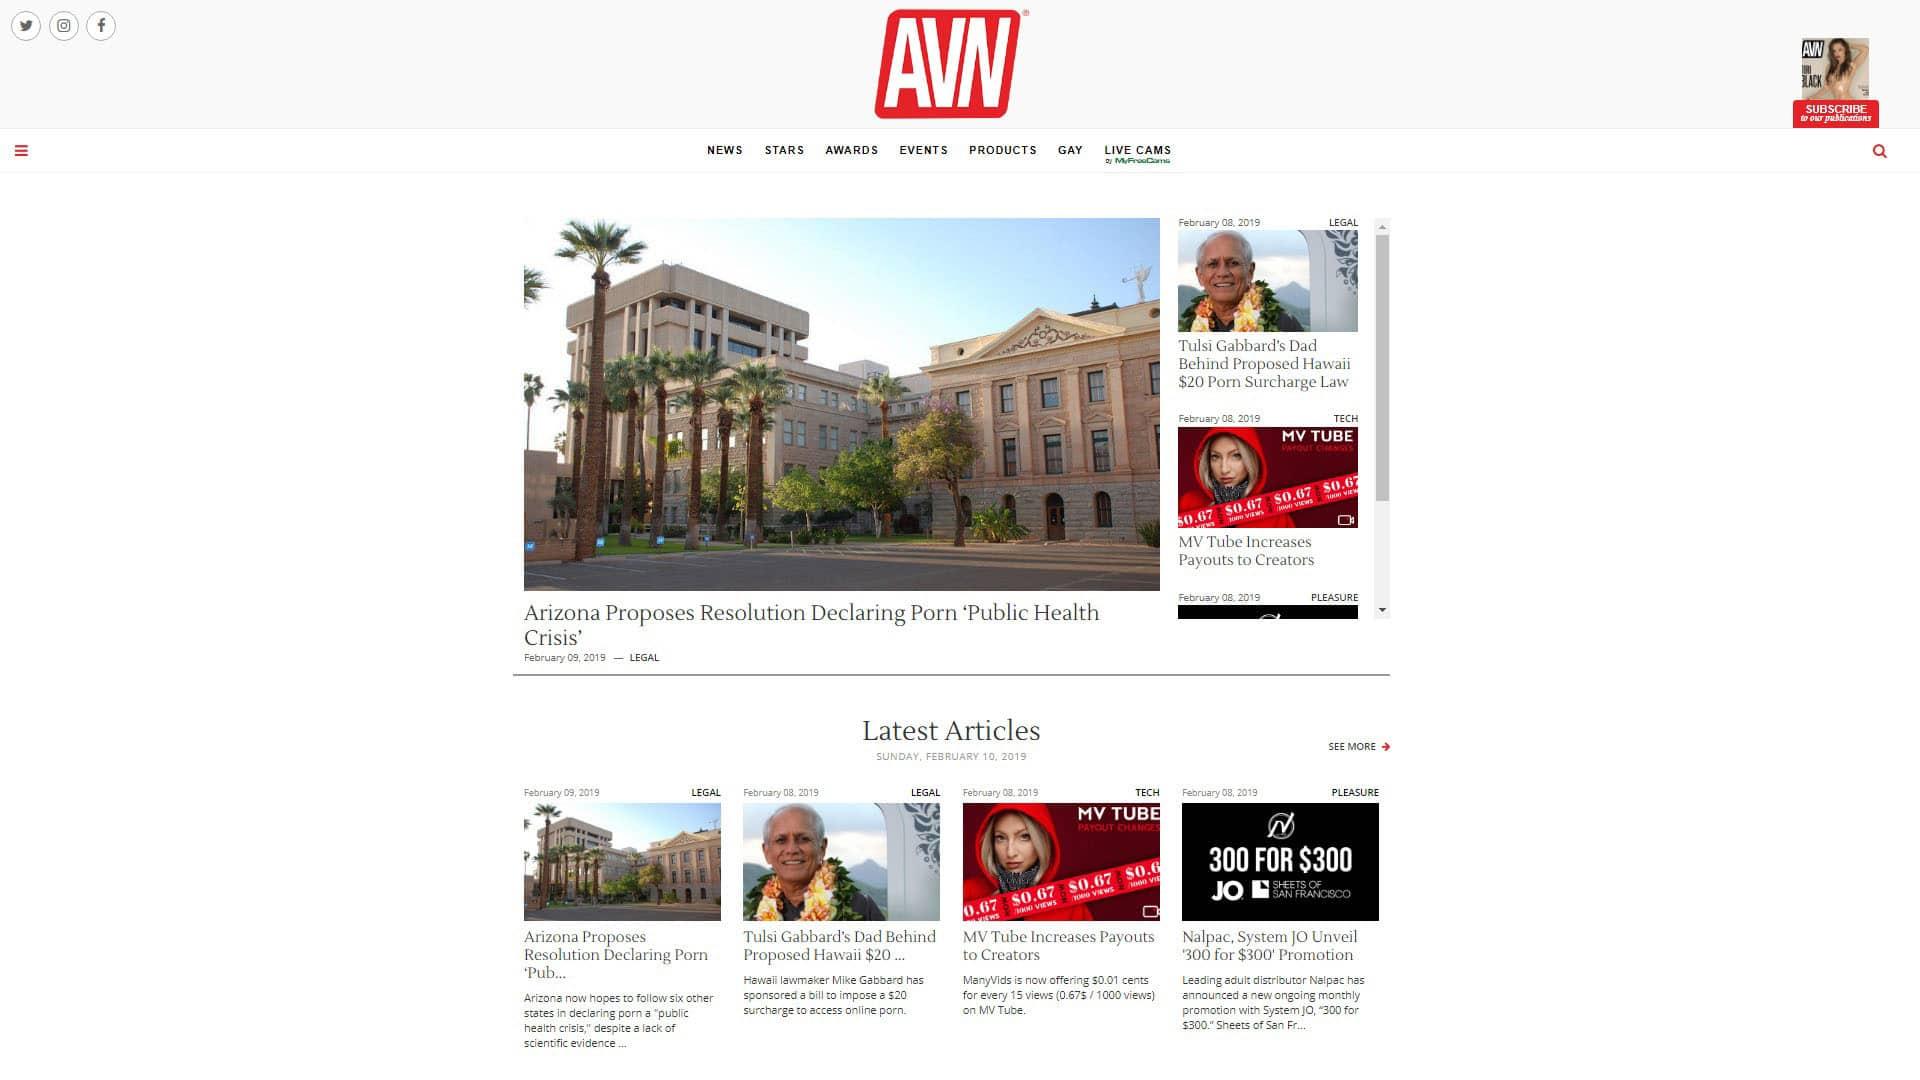 AVN Homepage